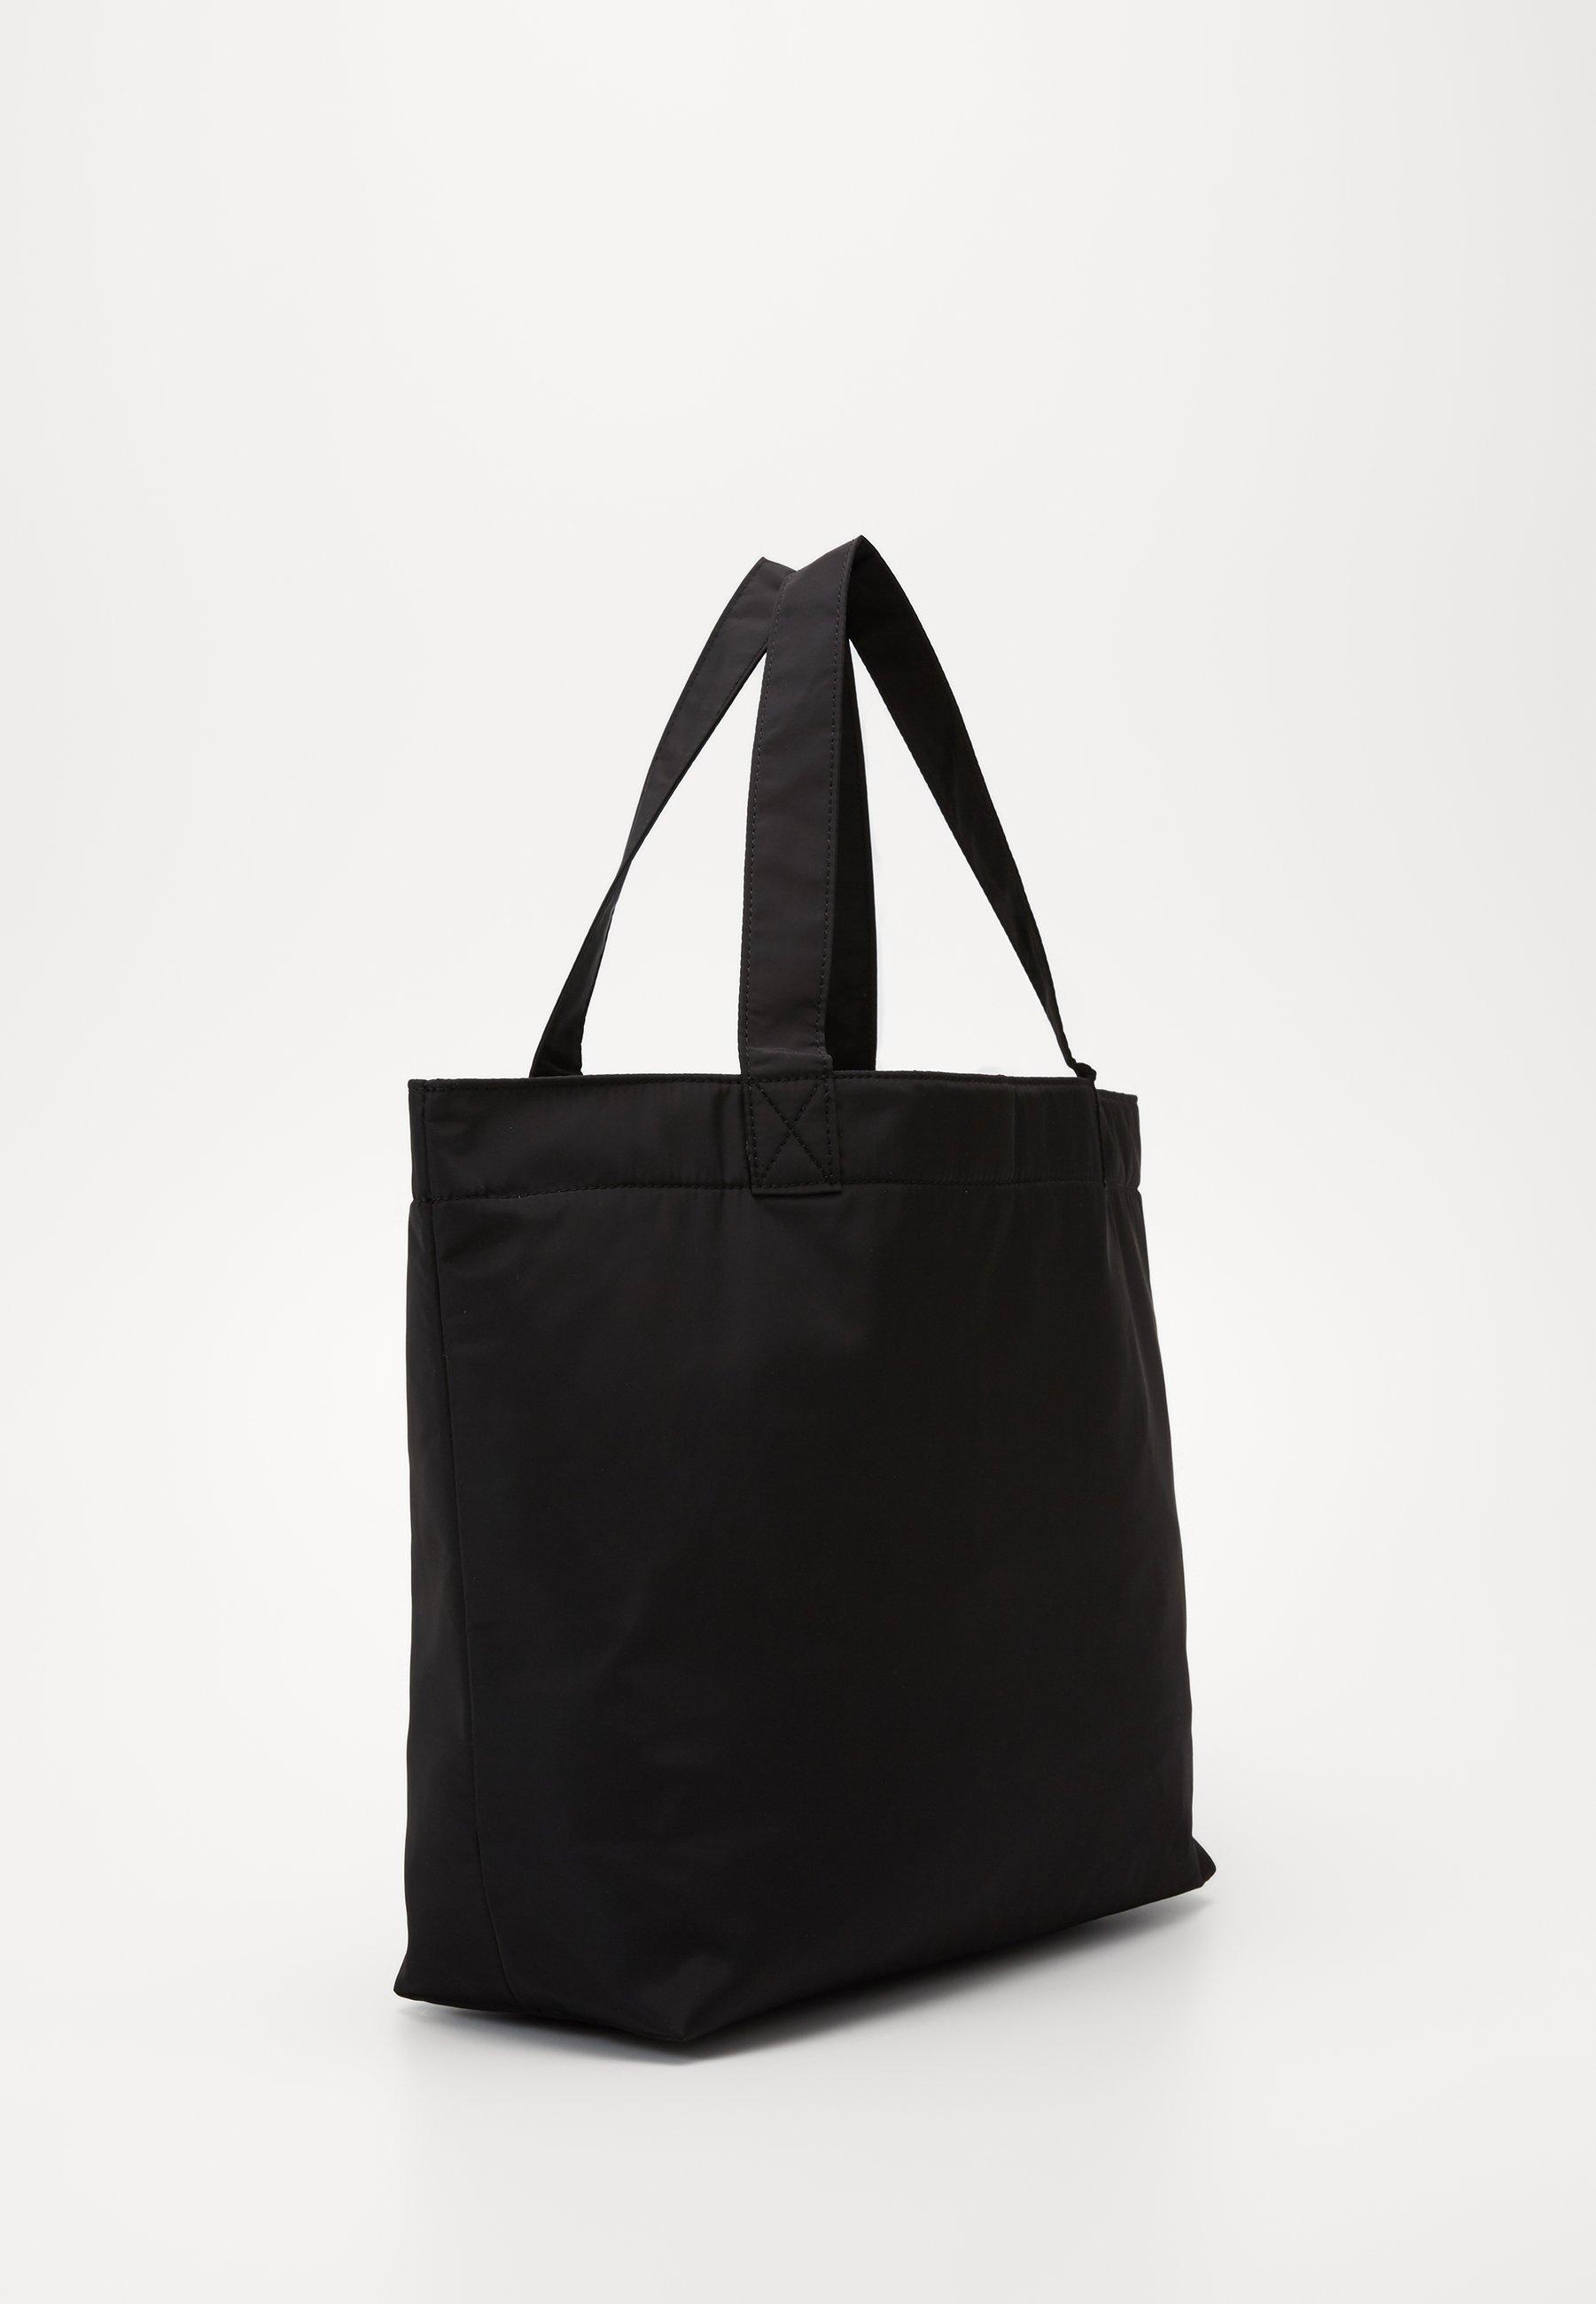 Black Travel Commuter Bag Tilbehør   InWear   Tote vesker